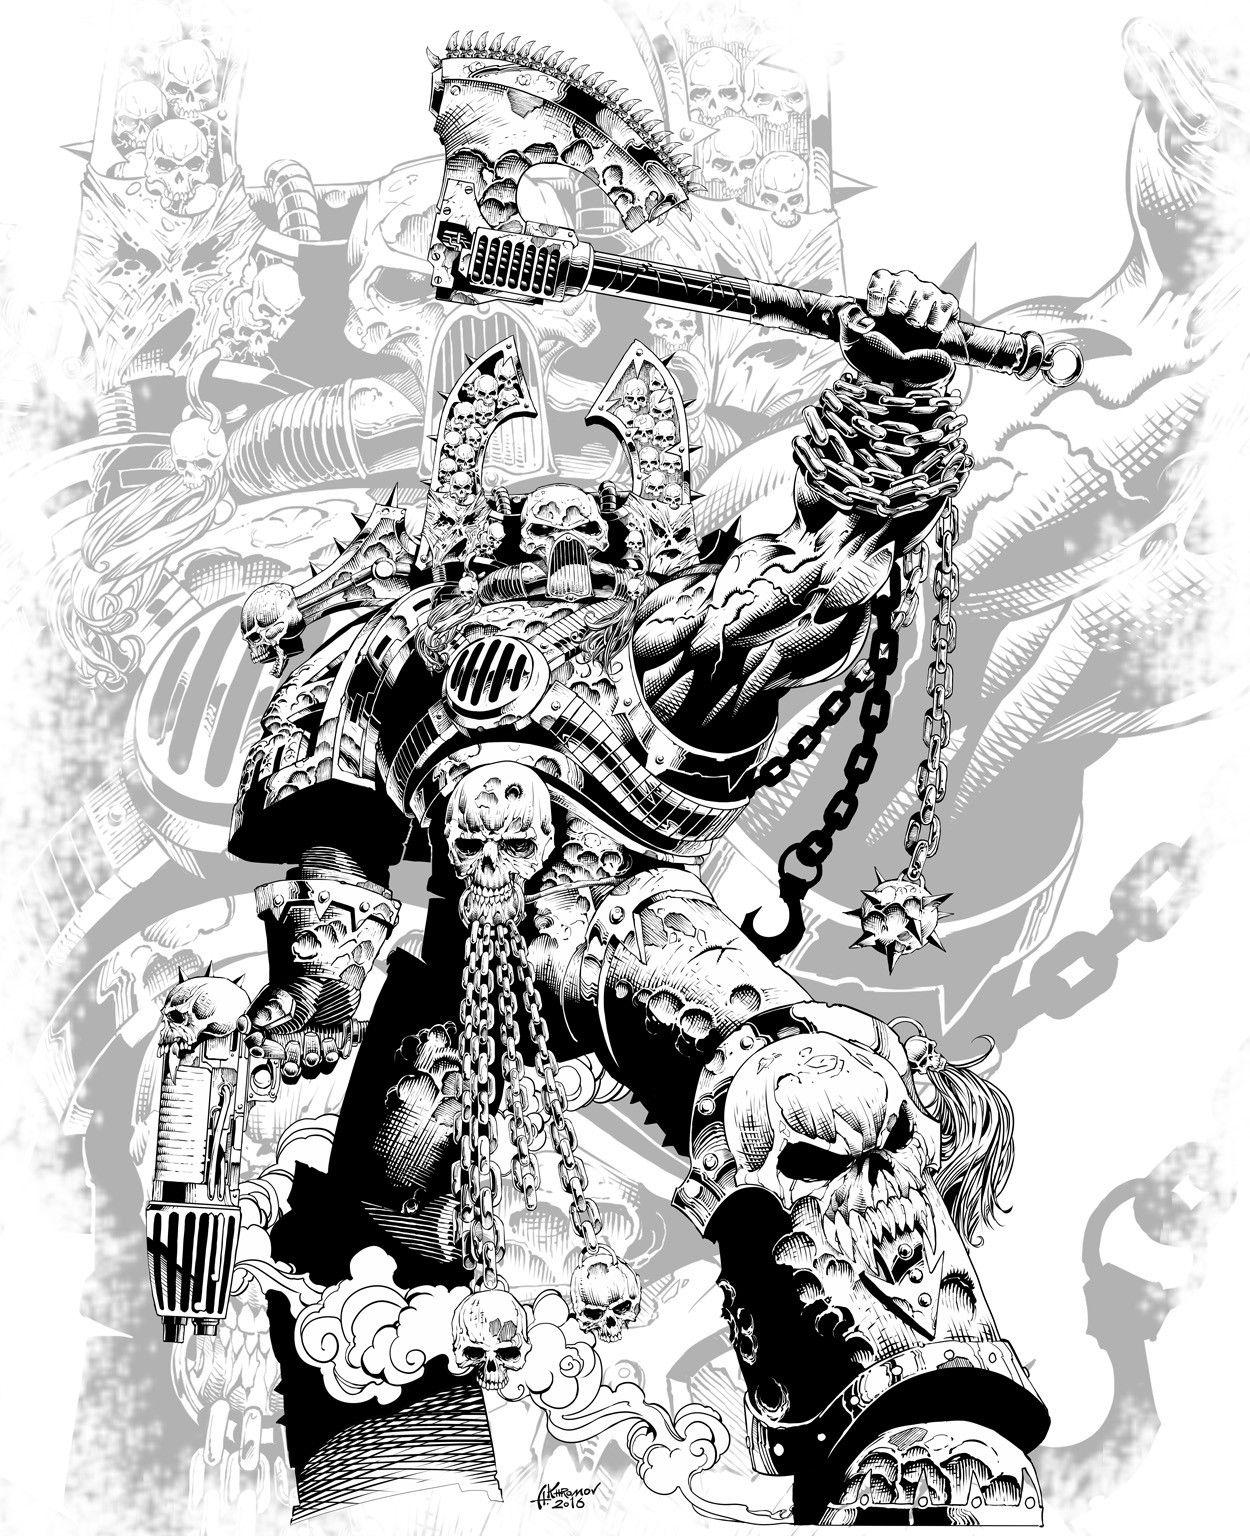 Kharn The Betrayer Alexander Khromov On Artstation At Https Www Artstation Com Artwork 9a3pv In 2020 Warhammer 40k Artwork Warhammer 40k Art Artwork